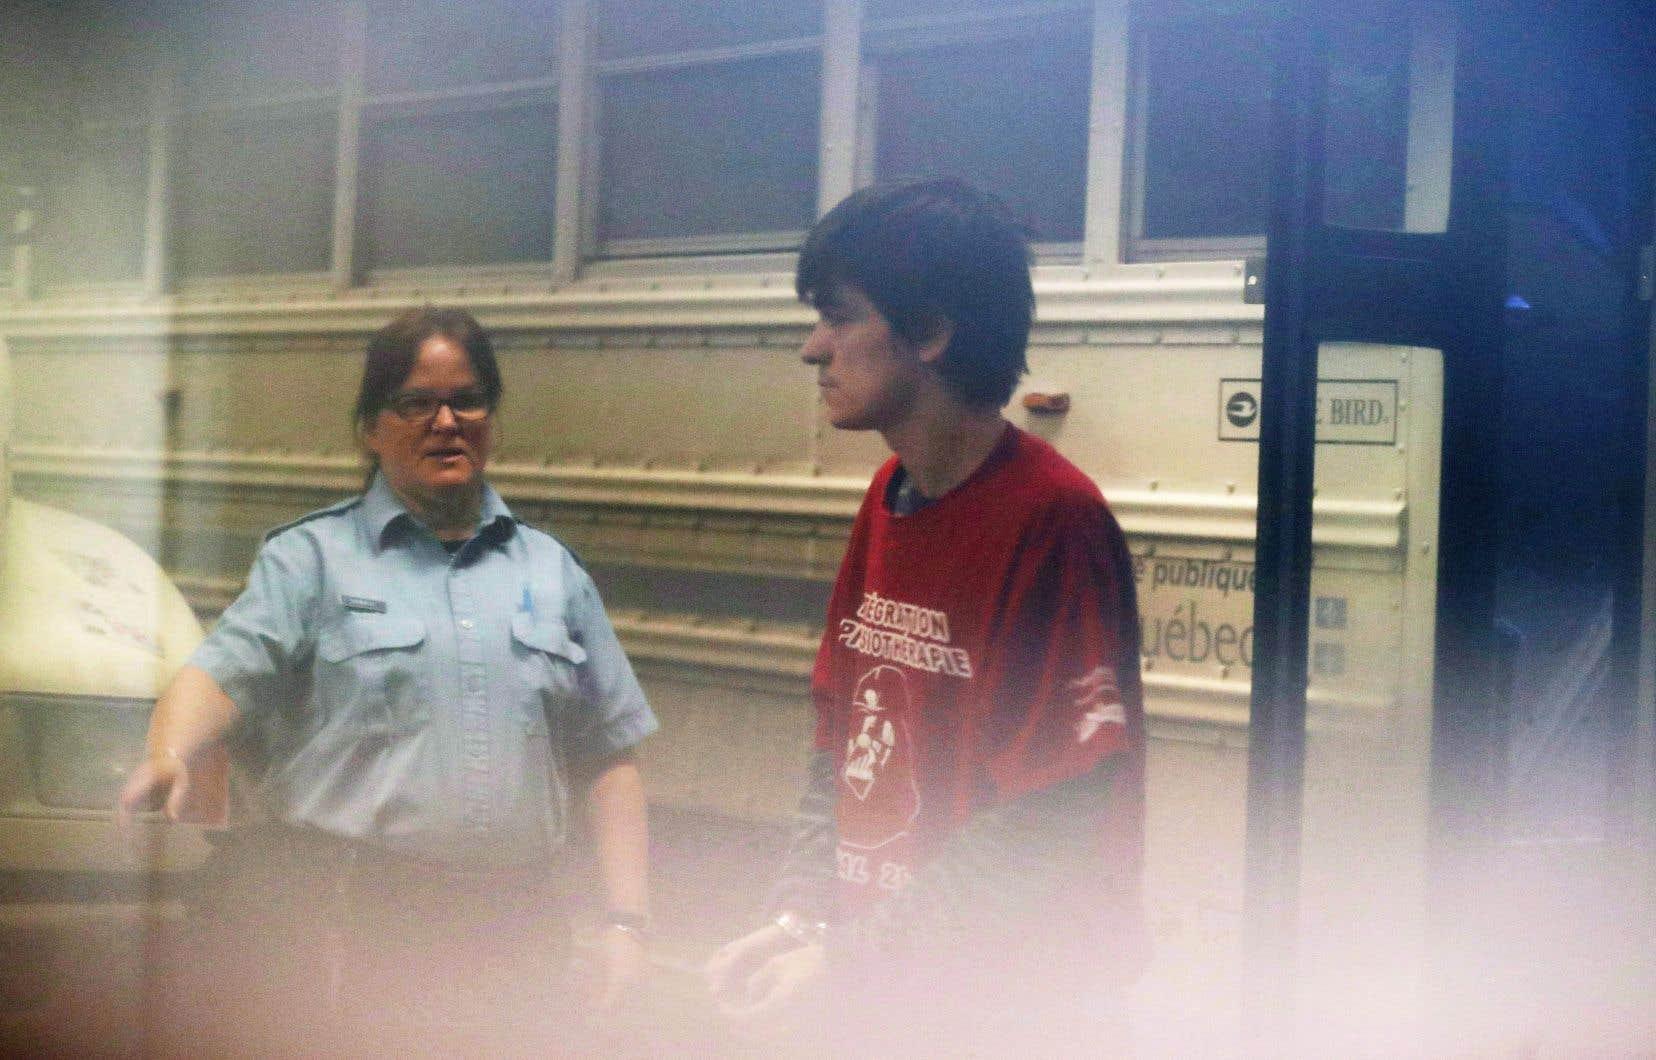 Sans espoir et sans possibilité de réhabilitation, l'emprisonnement perd en partie son sens, a plaidé l'avocat d'Alexandre Bissonnette mercredi.